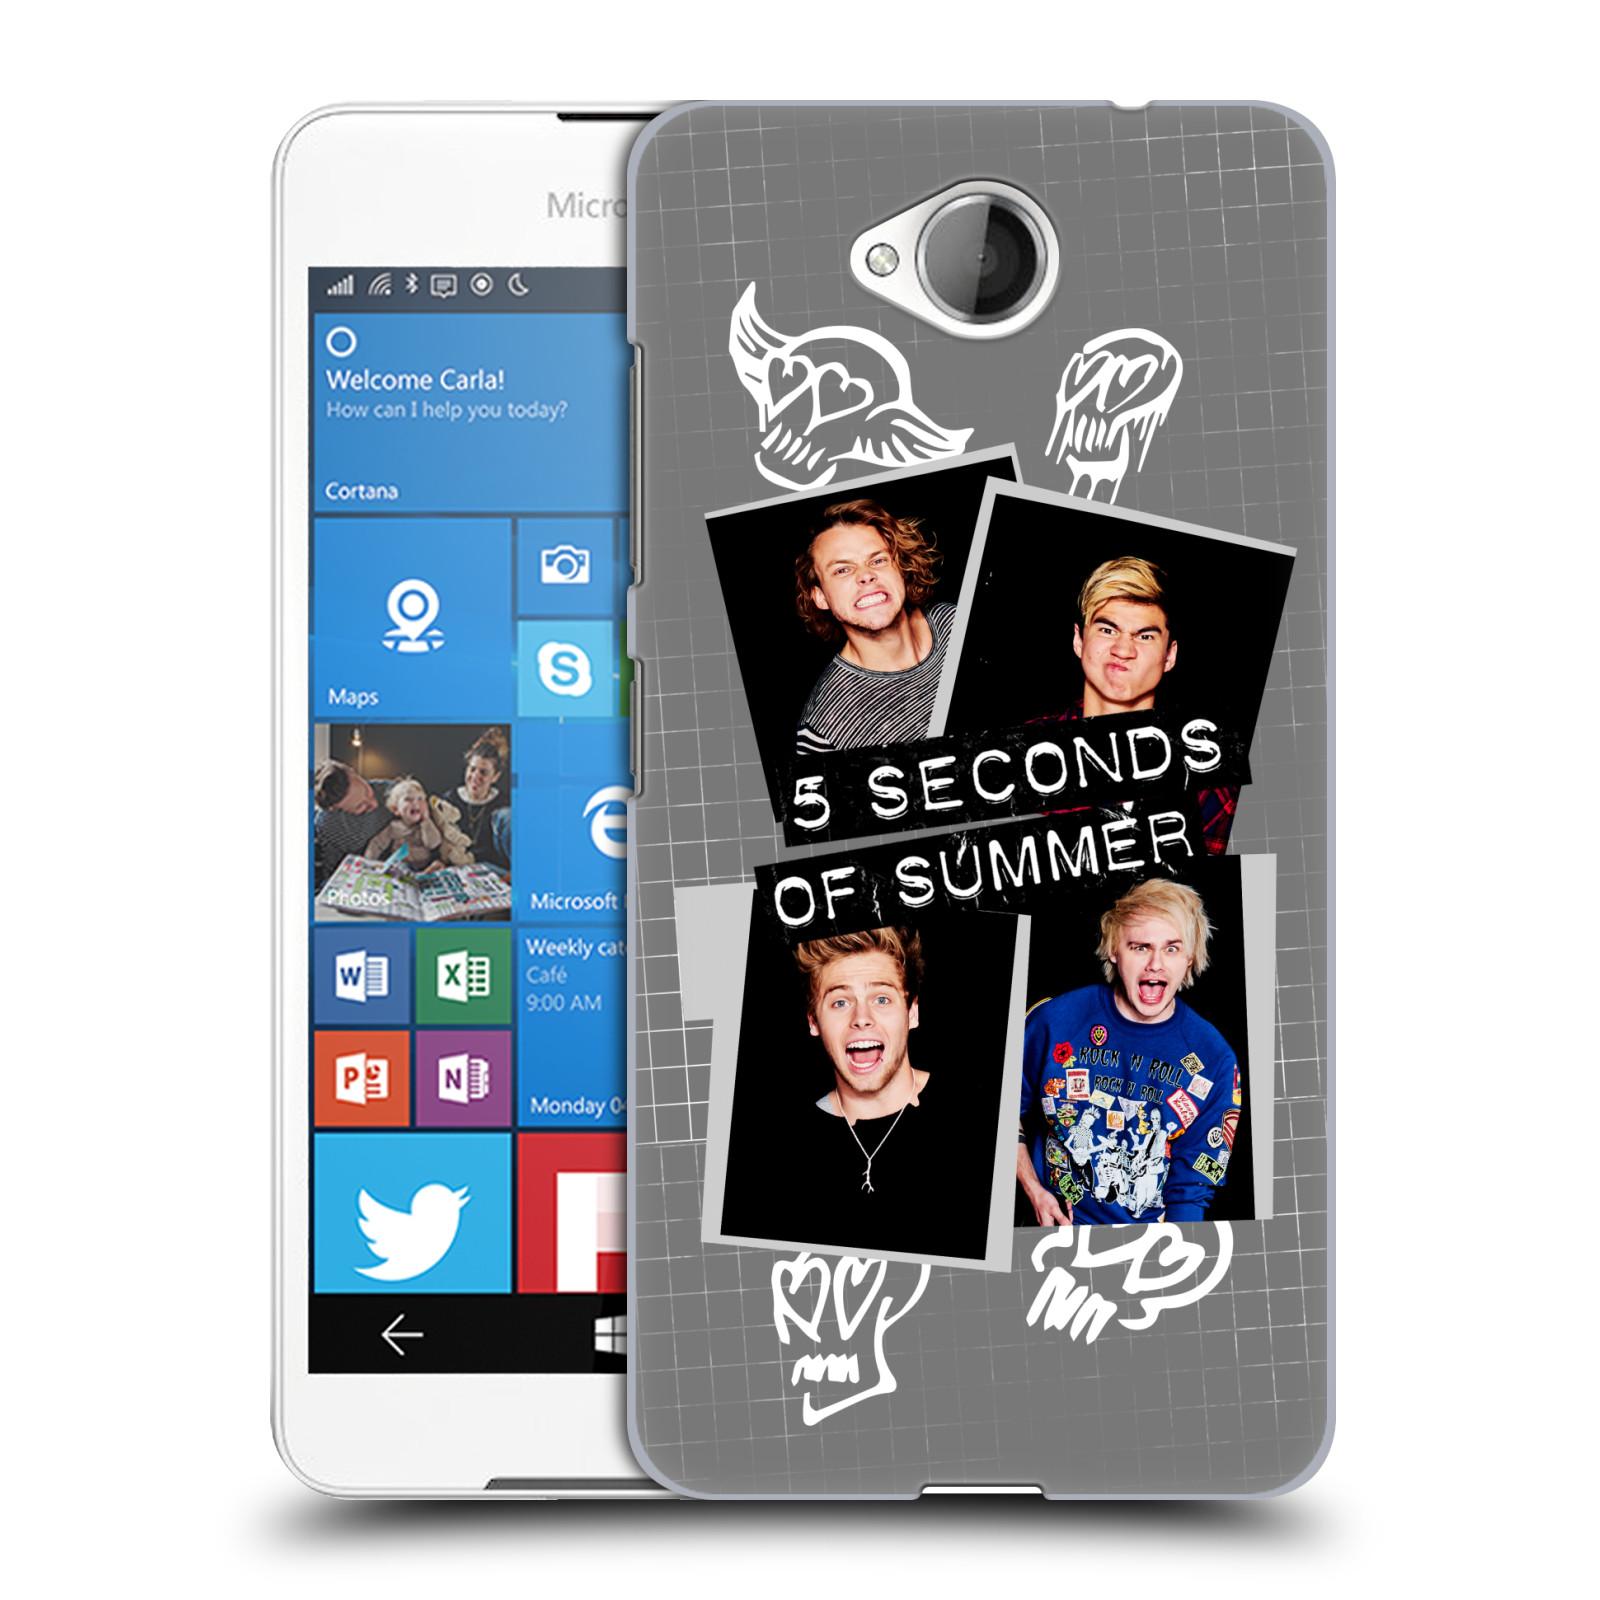 Plastové pouzdro na mobil Microsoft Lumia 650 HEAD CASE 5 Seconds of Summer - Band Grey (Plastový kryt či obal na mobilní telefon licencovaným motivem 5 Seconds of Summer pro Microsoft Lumia 650)